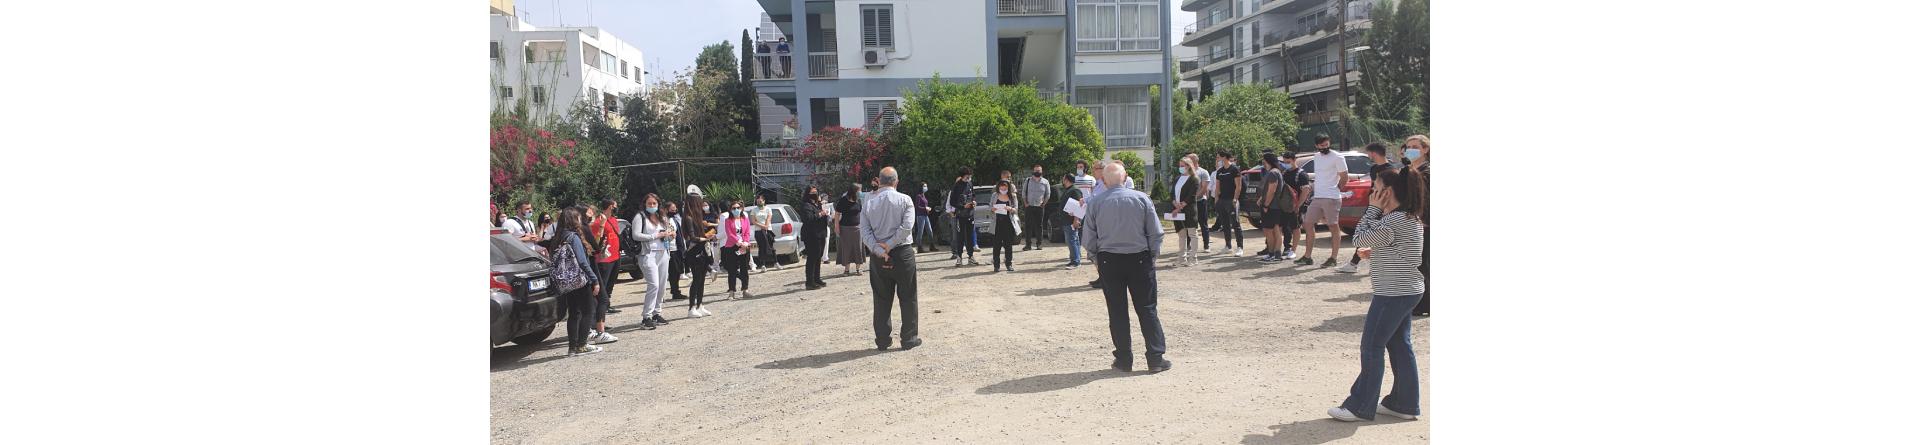 Άσκηση Εκκένωσης Κτιρίων σε περίπτωση έκτακτης ανάγκης